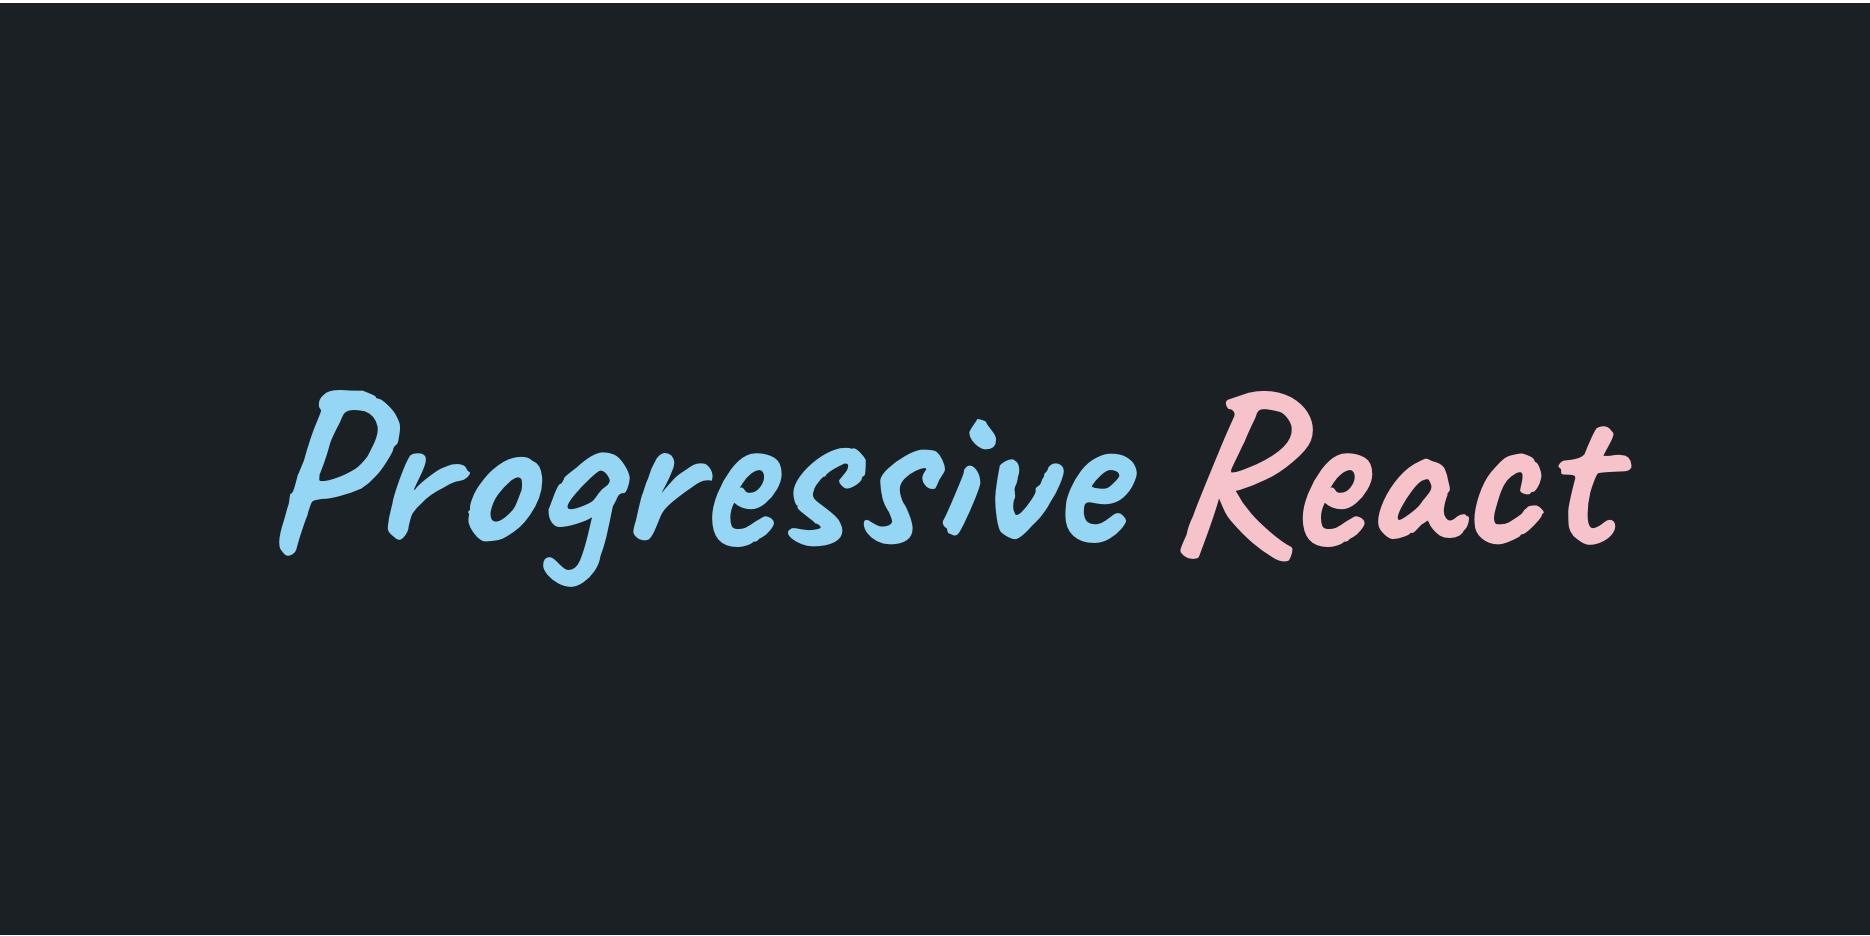 Progressive React